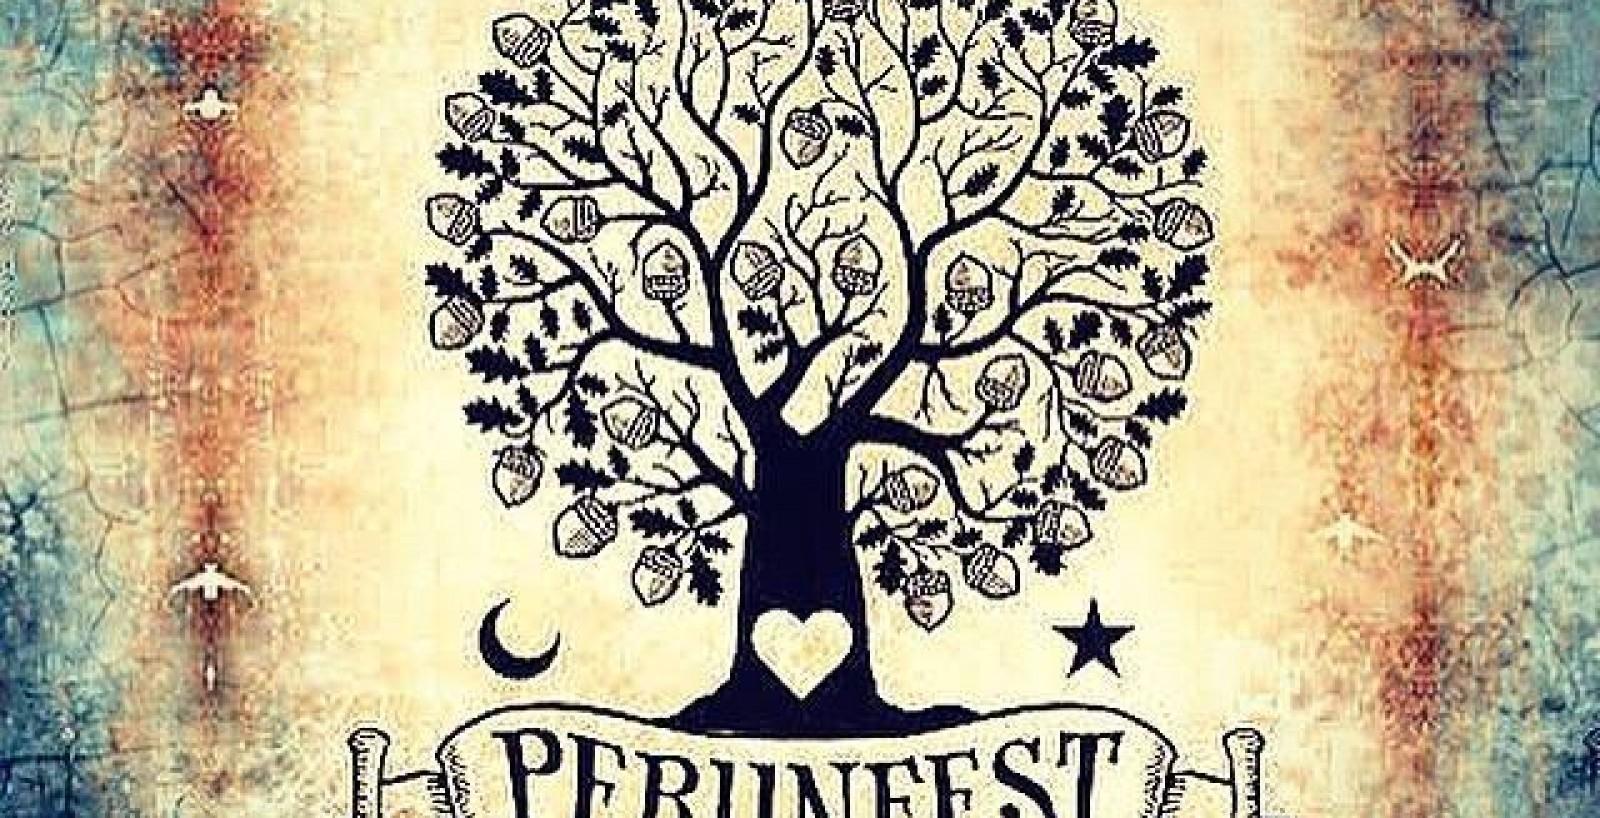 Perunfest